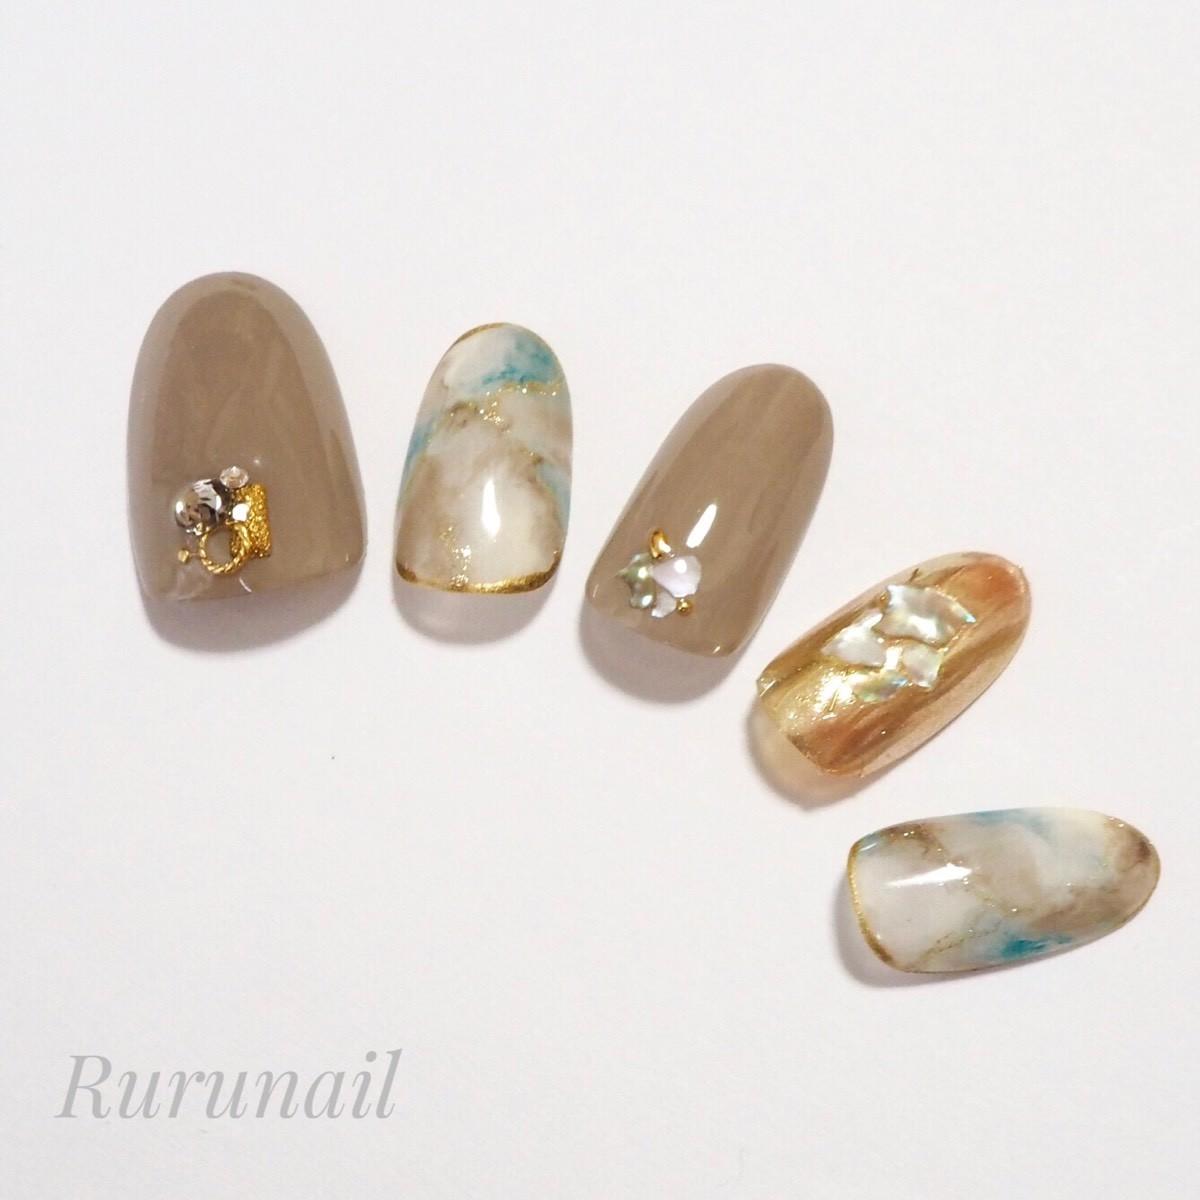 画像3: ナチュラルカラー天然石とミラーの夏ネイルチップ(408